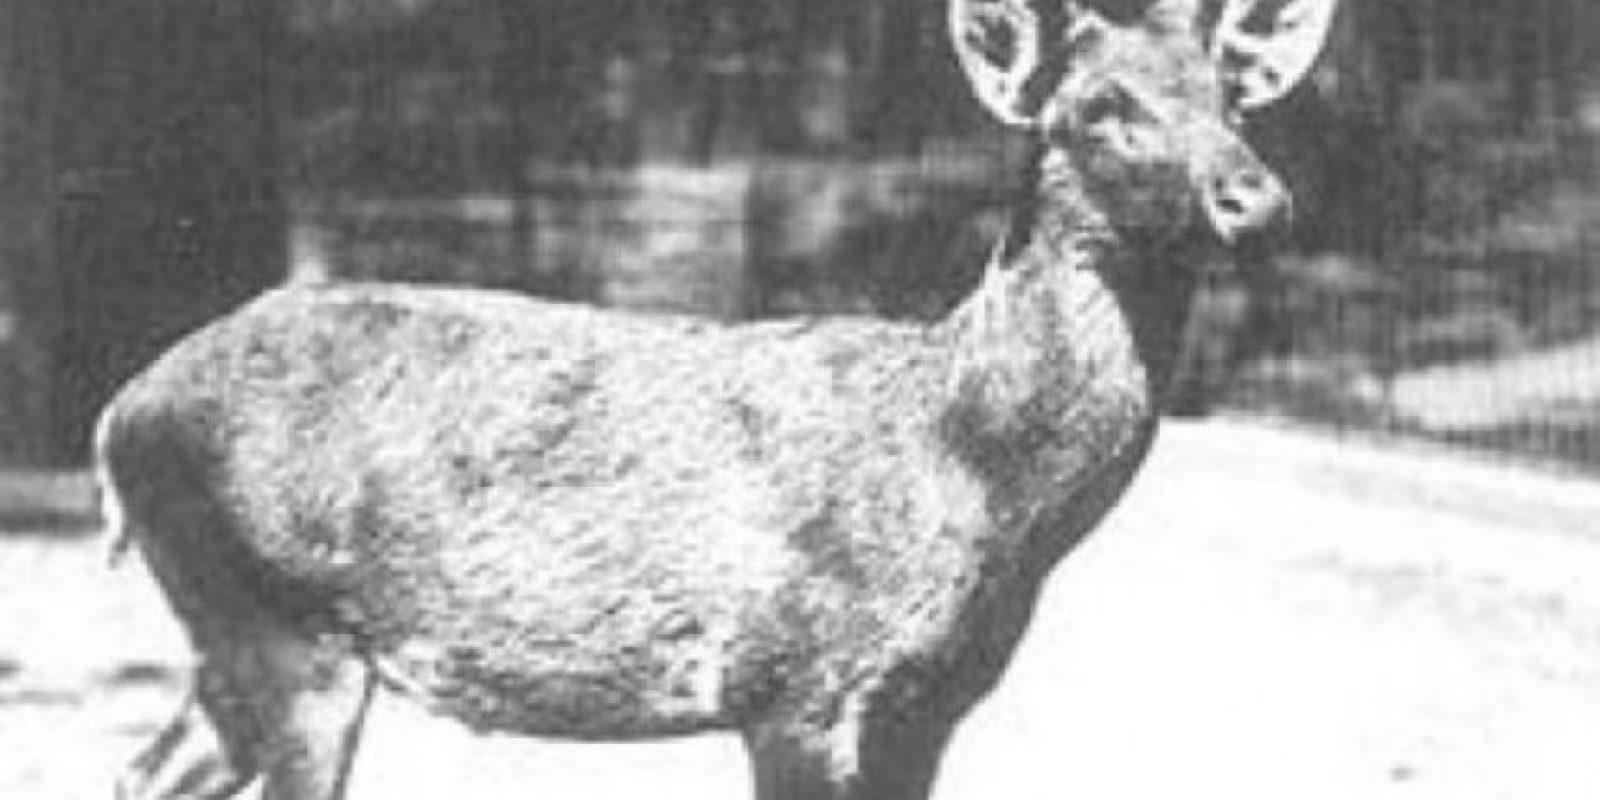 Ciervo de Schomburgk. El hábitat original de esta especie se encontraba en las planicies pantanosas de Tailandia. Se estima que la última manada salvaje desapareció en 1932 y en 1938 murió el último ejemplar. Bucardo (Cabra Montes Ibérica). El 5 de enero del año 2000 murió el último bucardo (Capra pyrenaica pyrenaica) que vivía en España. Esta subespecie de cabra montés ibérica estaba en peligro de extinción desde principios del siglo XX, debido sobre todo a la caza excesiva. 14de14 [Pantalla completa] Bucardo (Cabra Montes Ibérica). El 5 de enero del año 2000 murió el último bucardo (Capra pyrenaica pyrenaica) que vivía en España. Esta subespecie de cabra montés ibérica estaba en peligro de extinción desde principios del siglo XX, debido sobre todo a la caza excesiva.